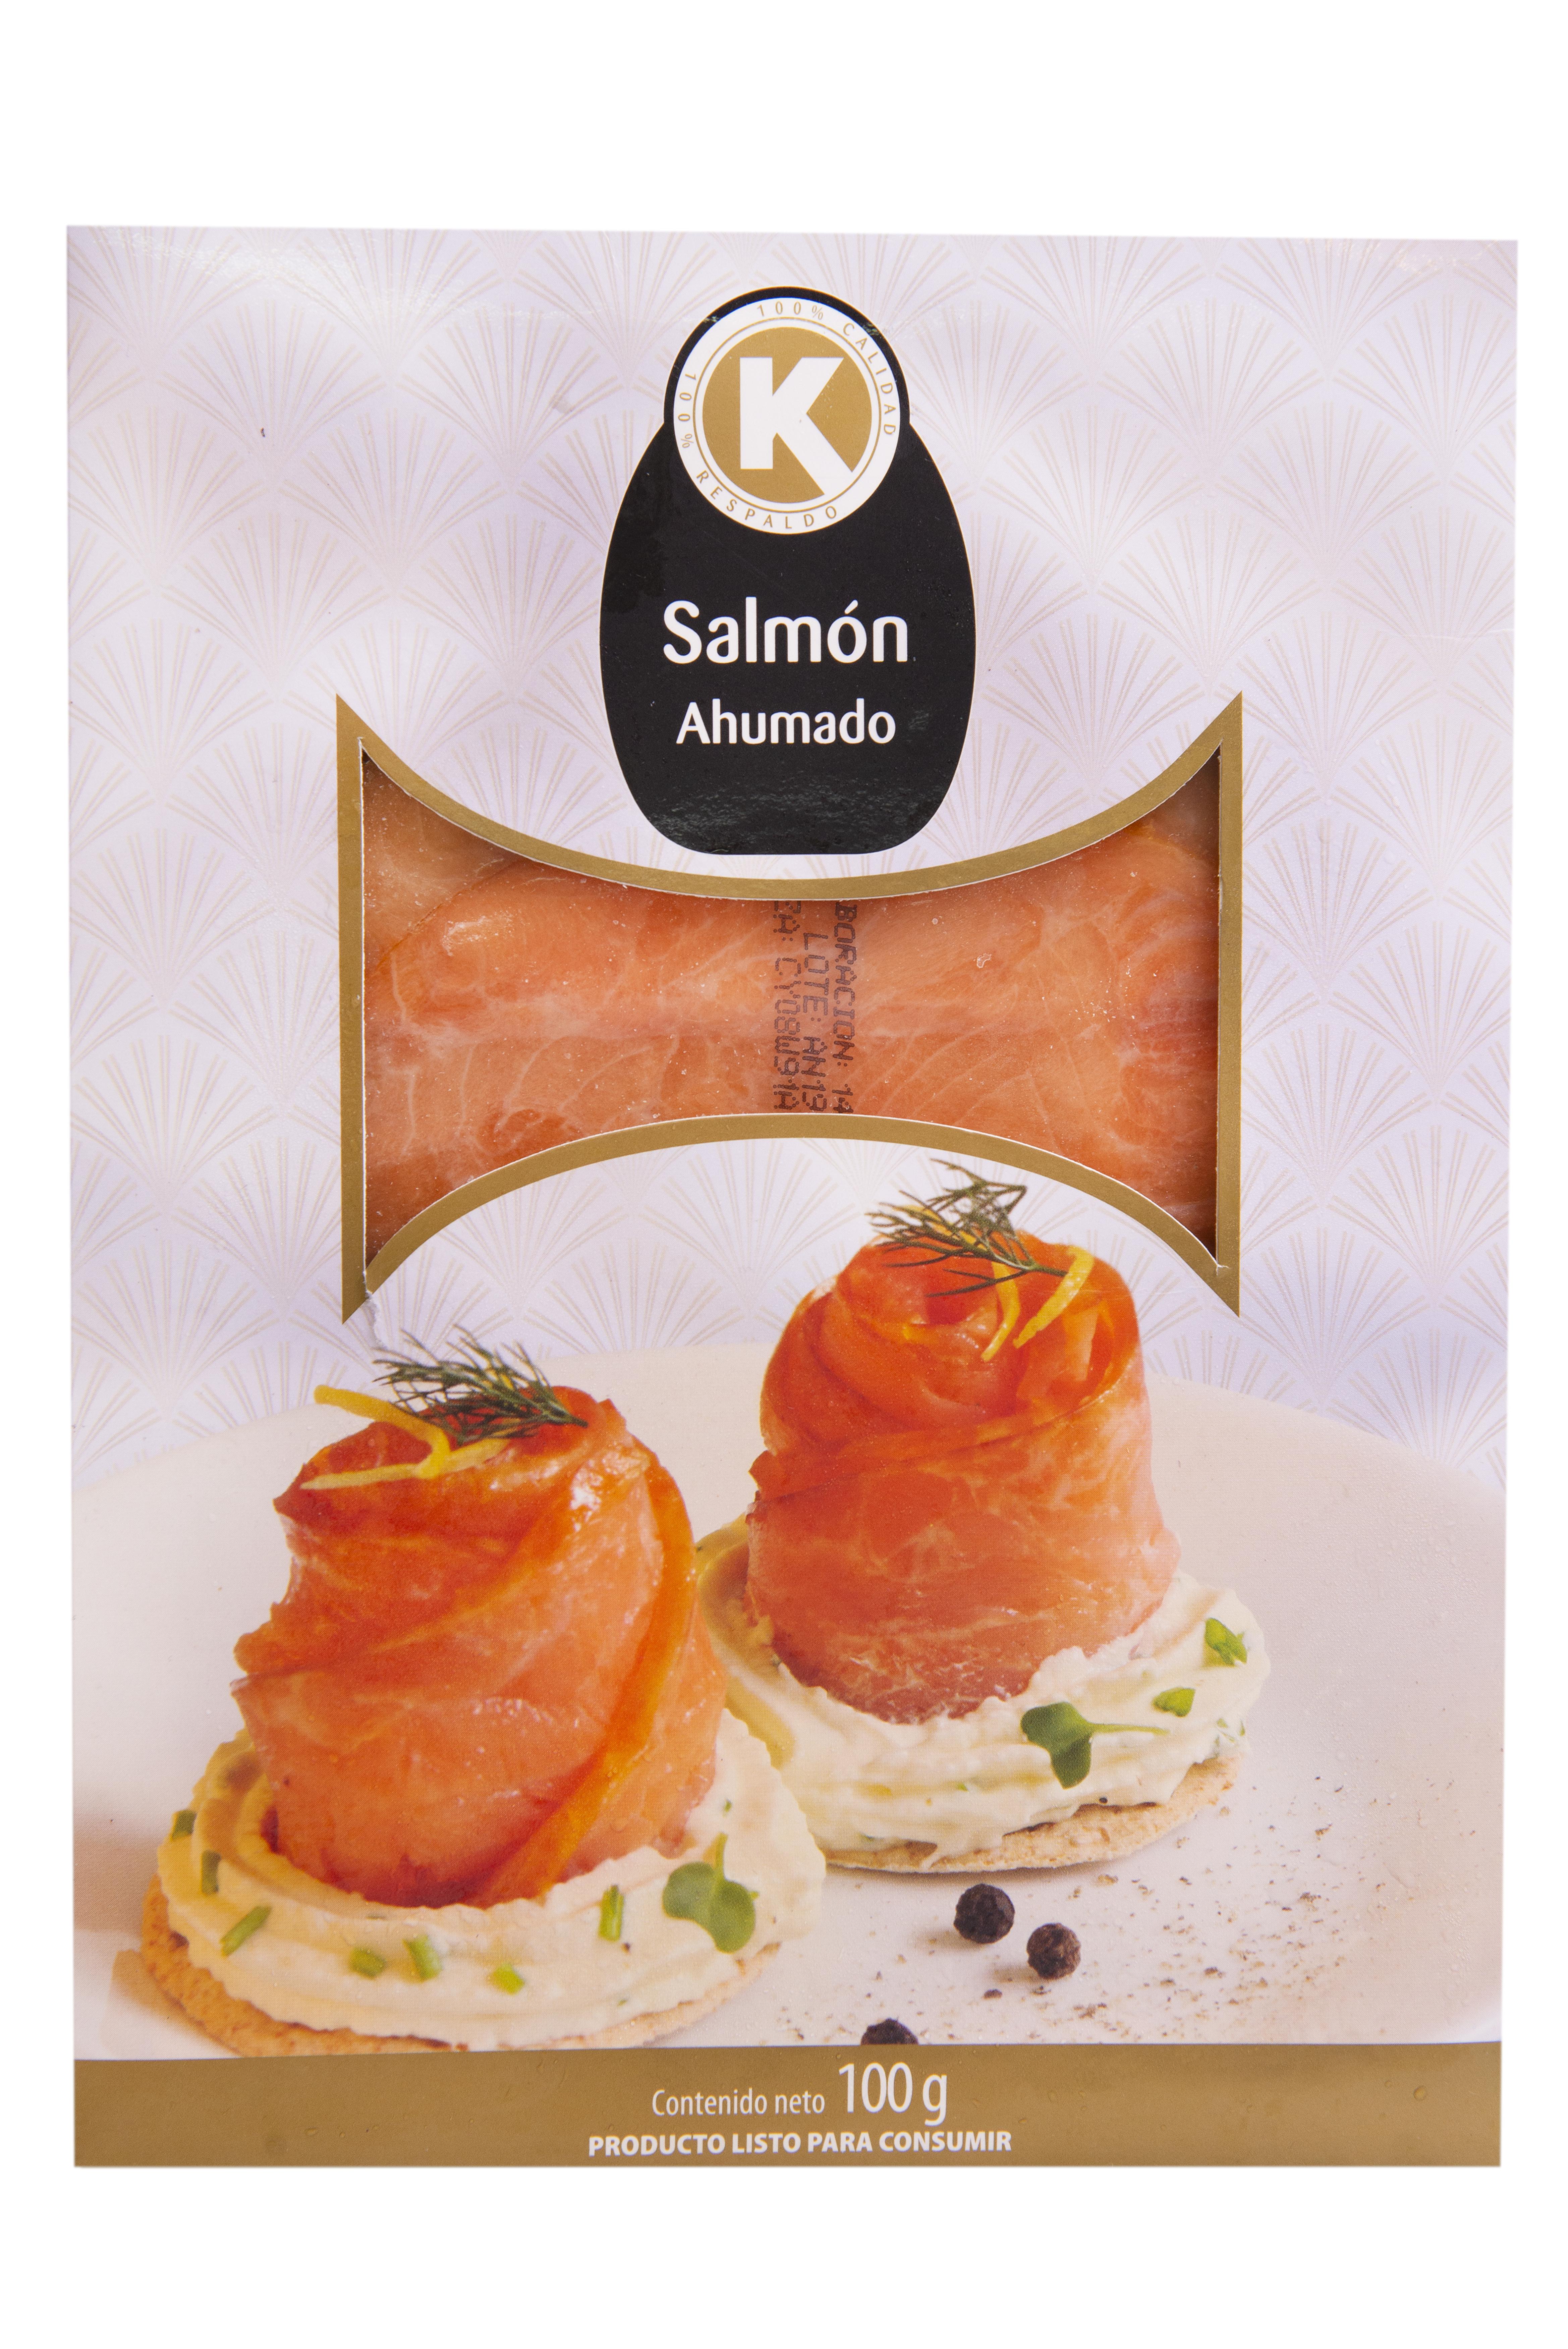 Salmon k Ahumado 100g